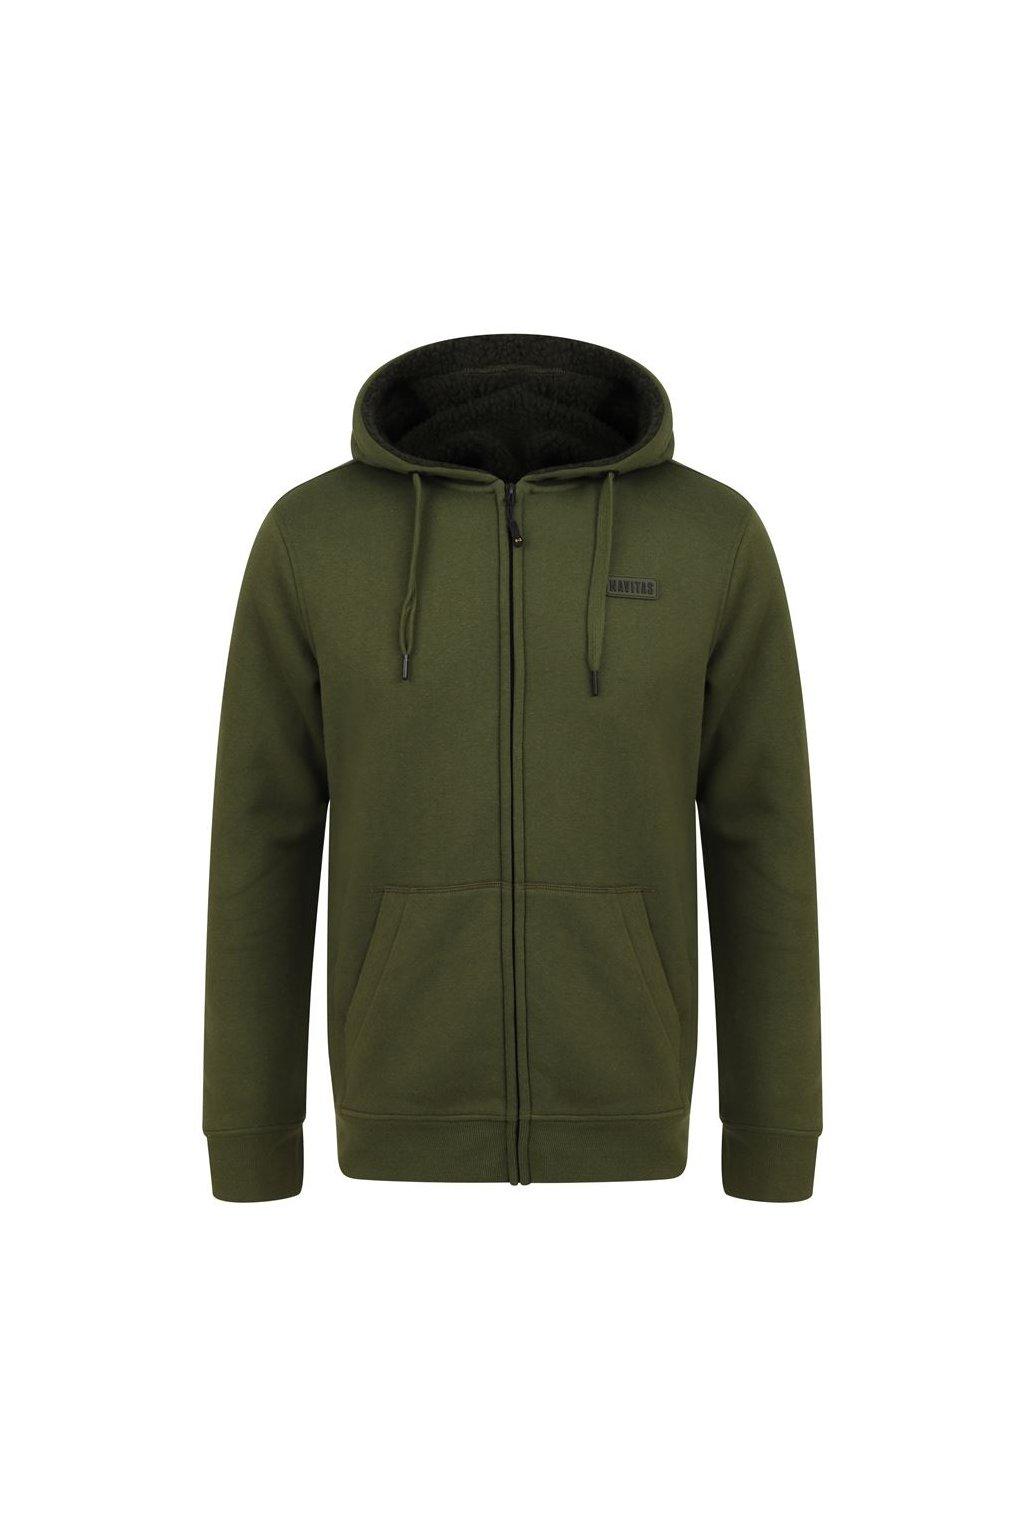 Navitas: Mikina Sherpa Zip Hoody Green Velikost 2XL